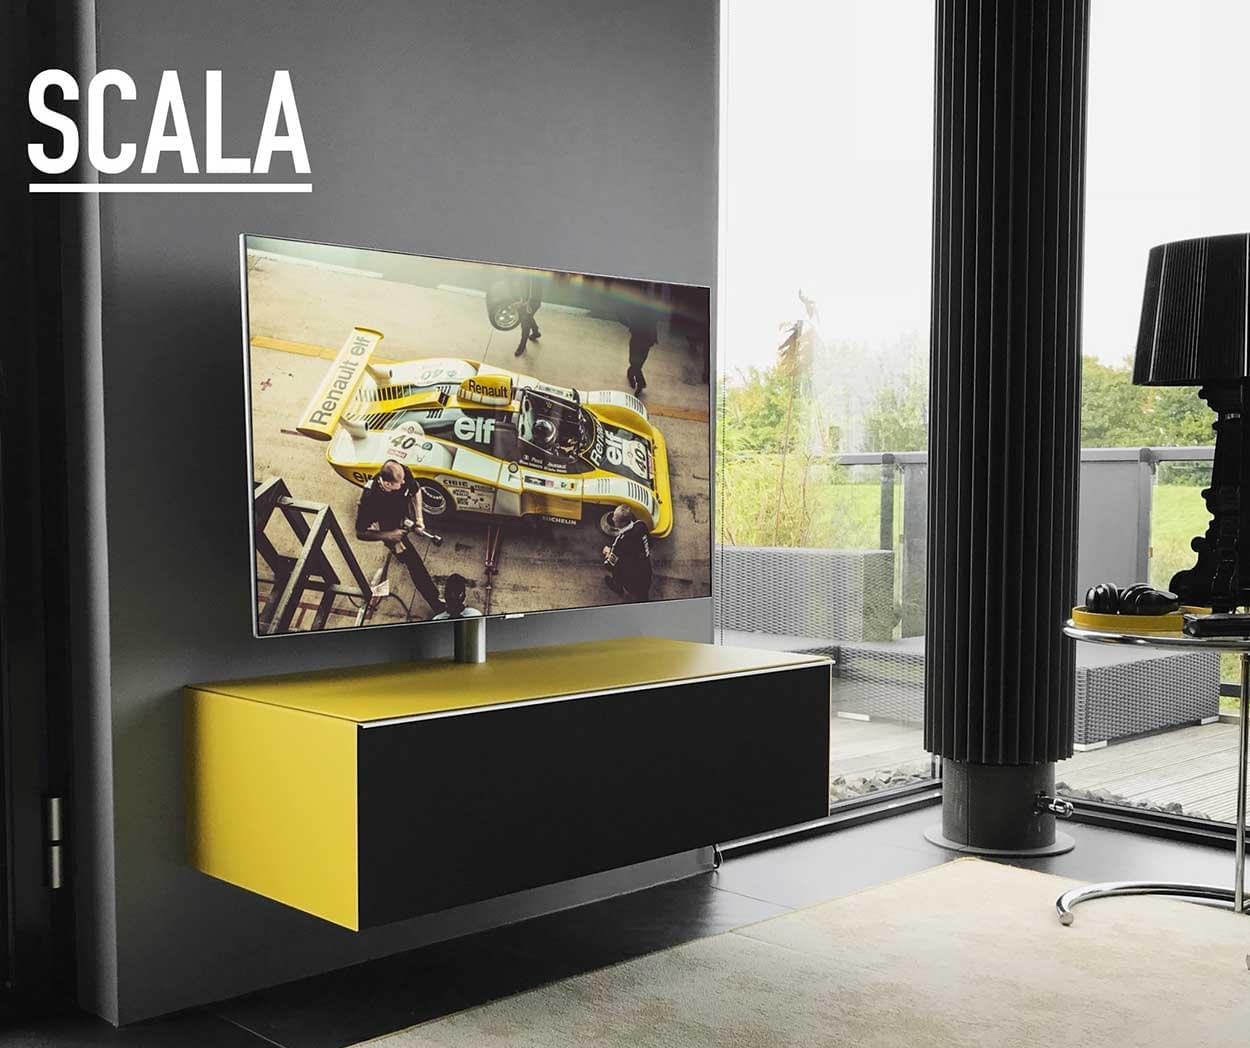 scala-sc1104-tv-meubel-speakerdoek